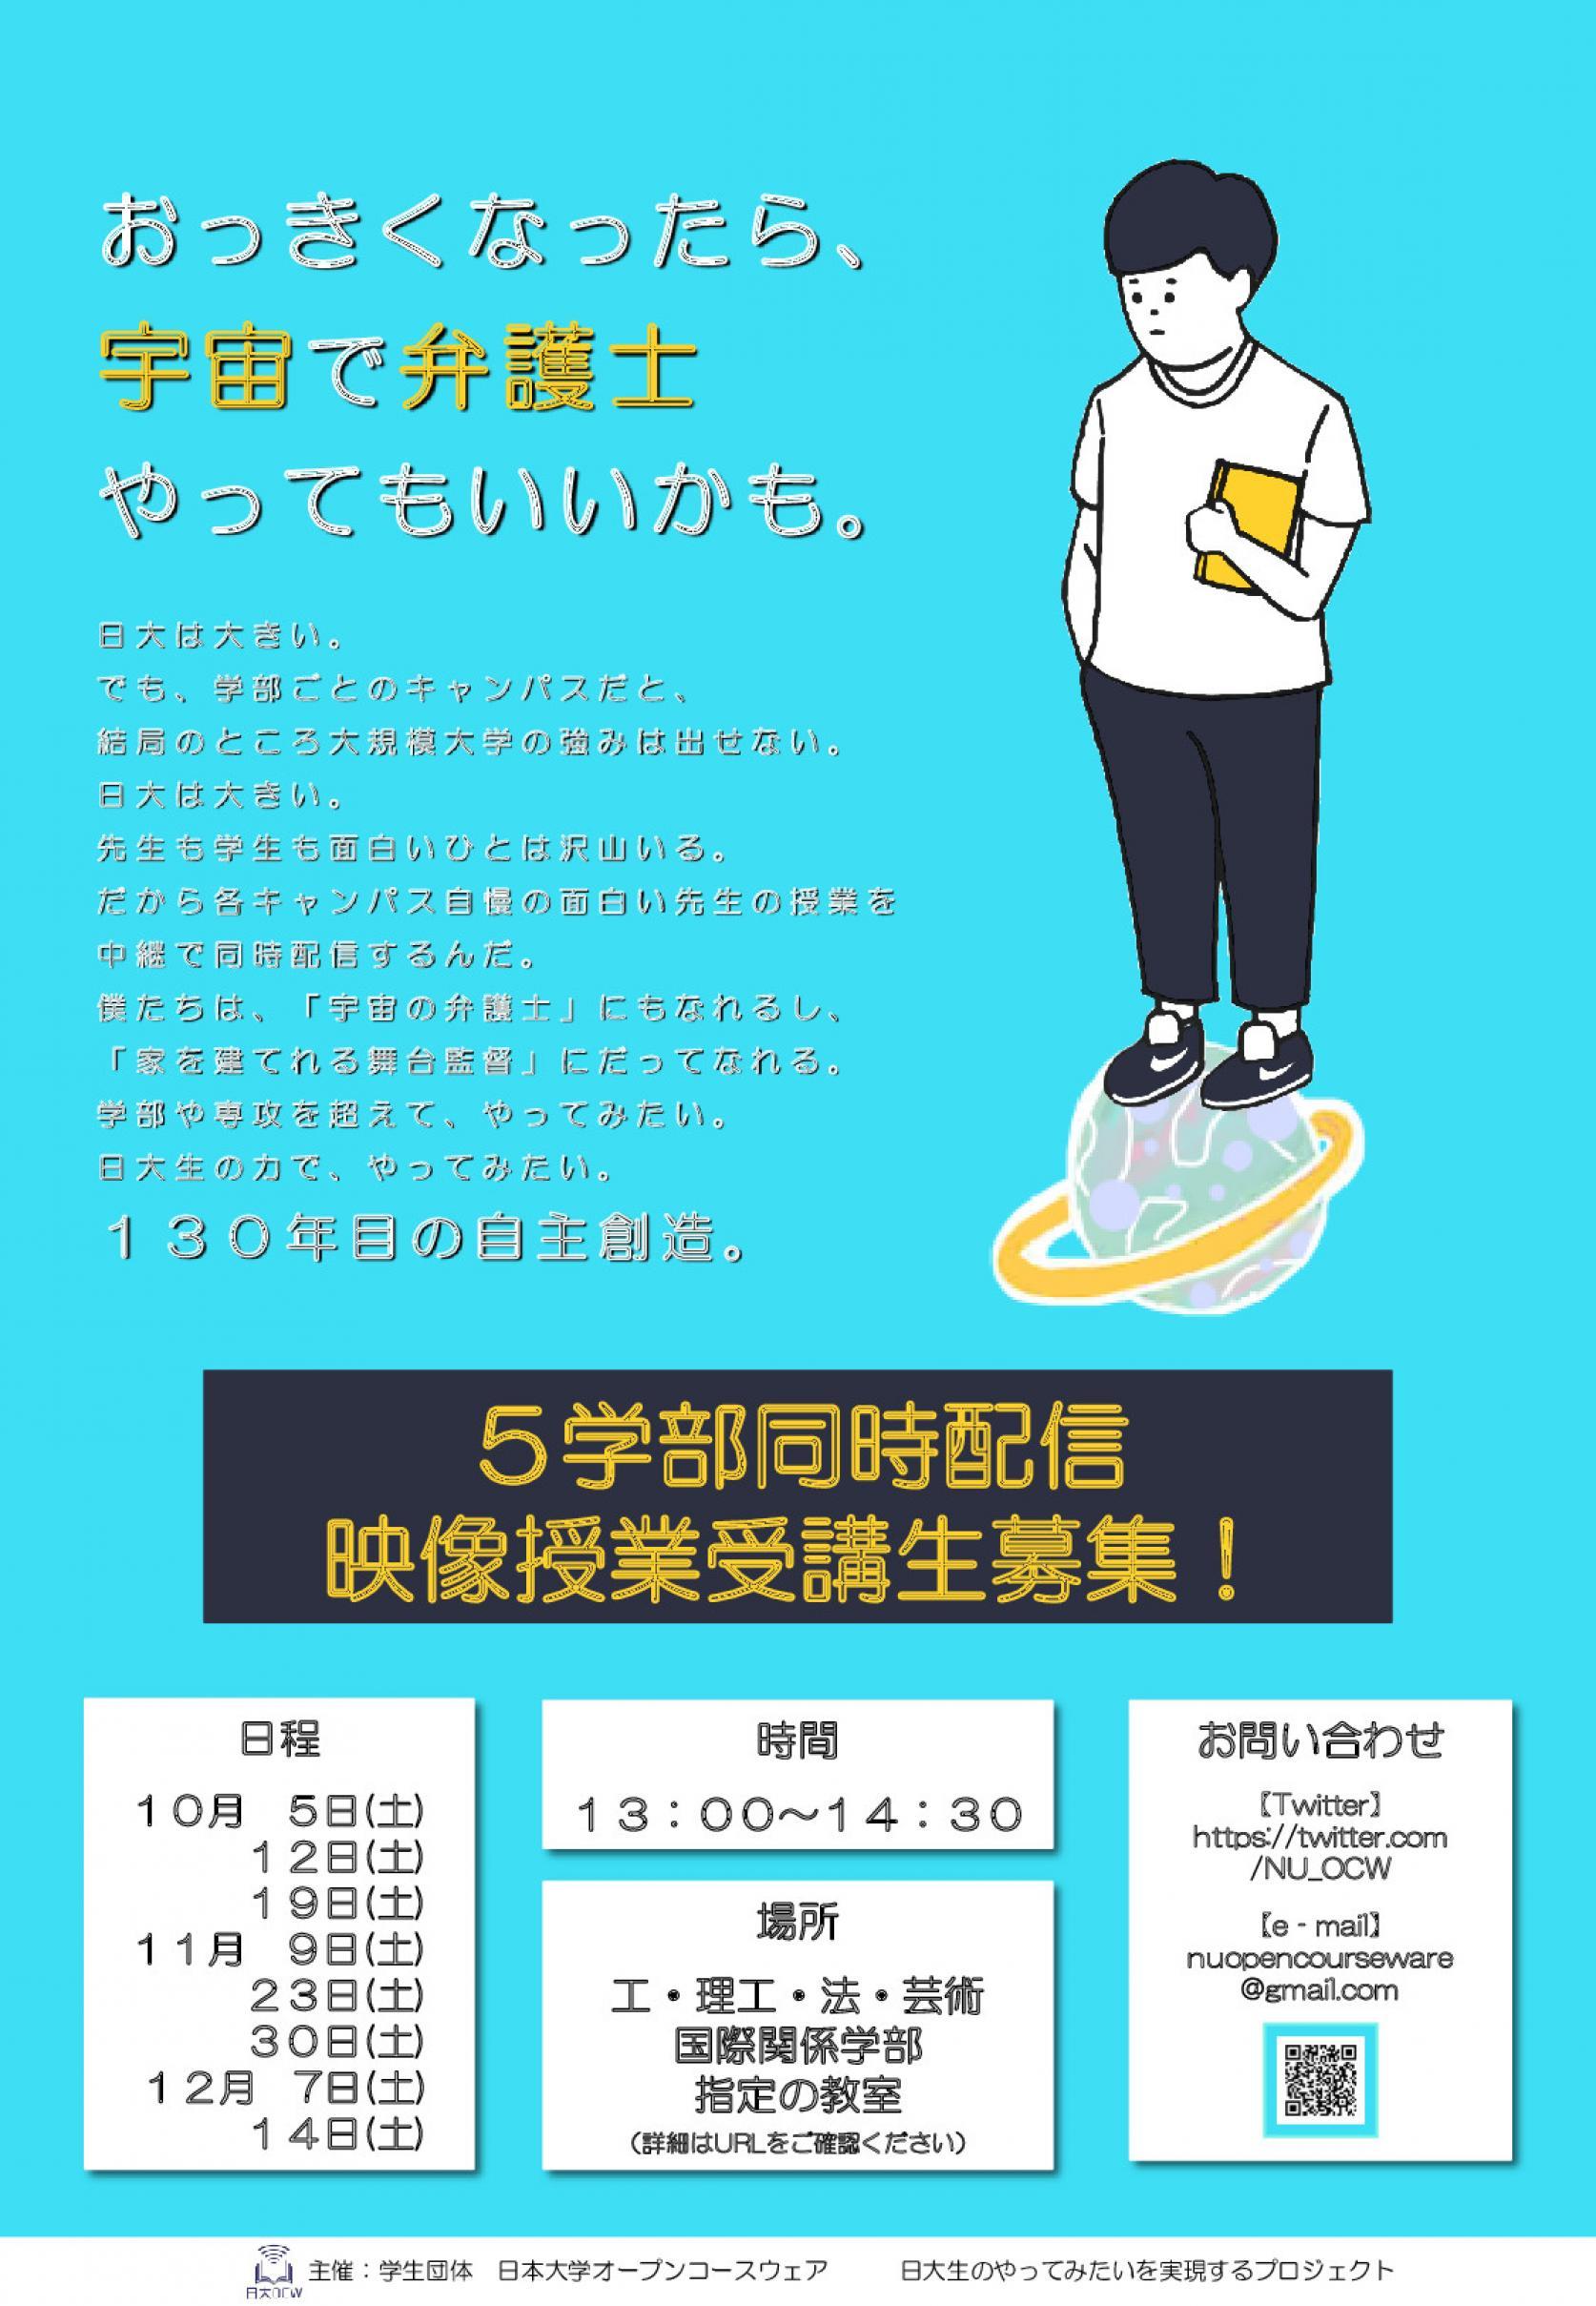 <日大生のやってみたいを実現するプロジェクト>日本大学オープンコースウェア(理工・法・芸術・工・国際の学生有志)による「5学部同時配信映像授業」受講生募集!